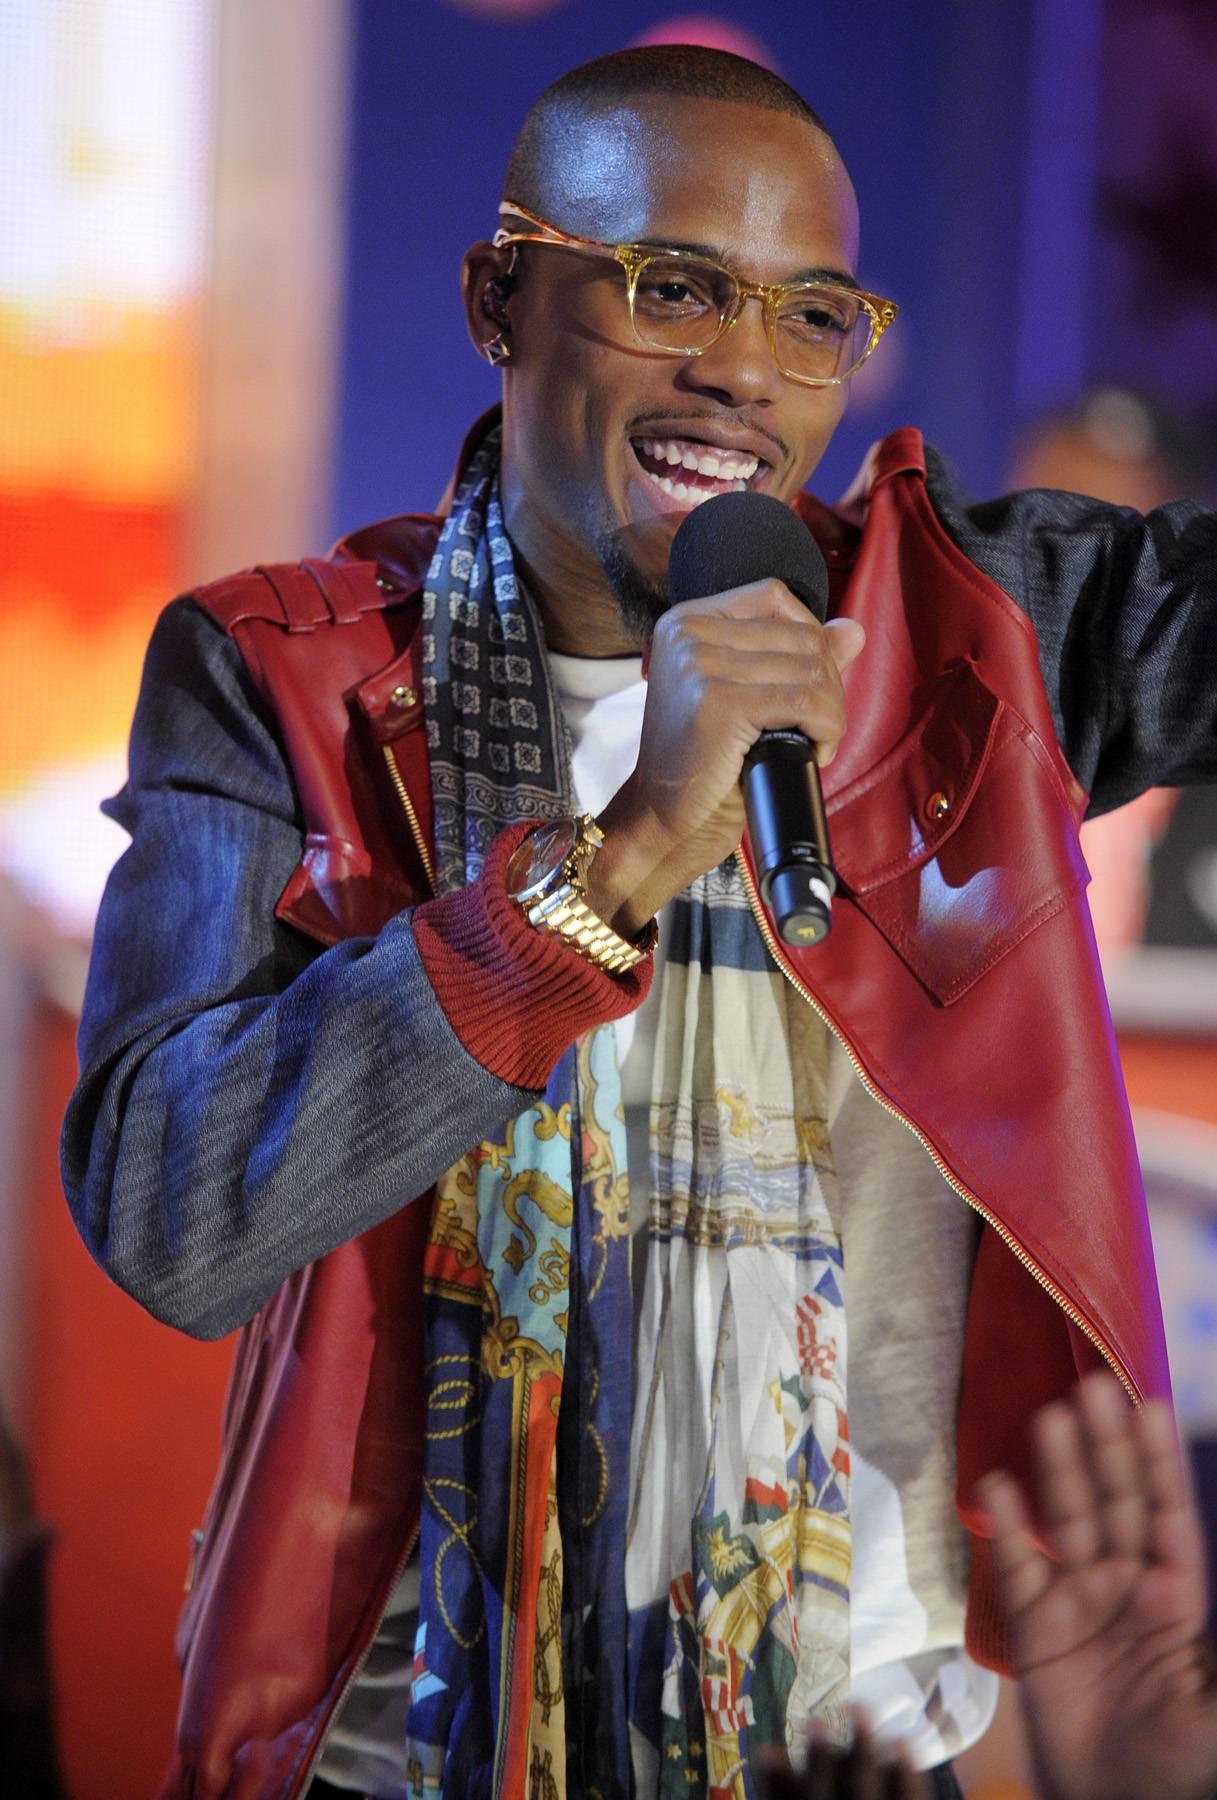 Hey You - B.o.B performs at 106 & Park, May 1, 2012. (Photo: John Ricard / BET)